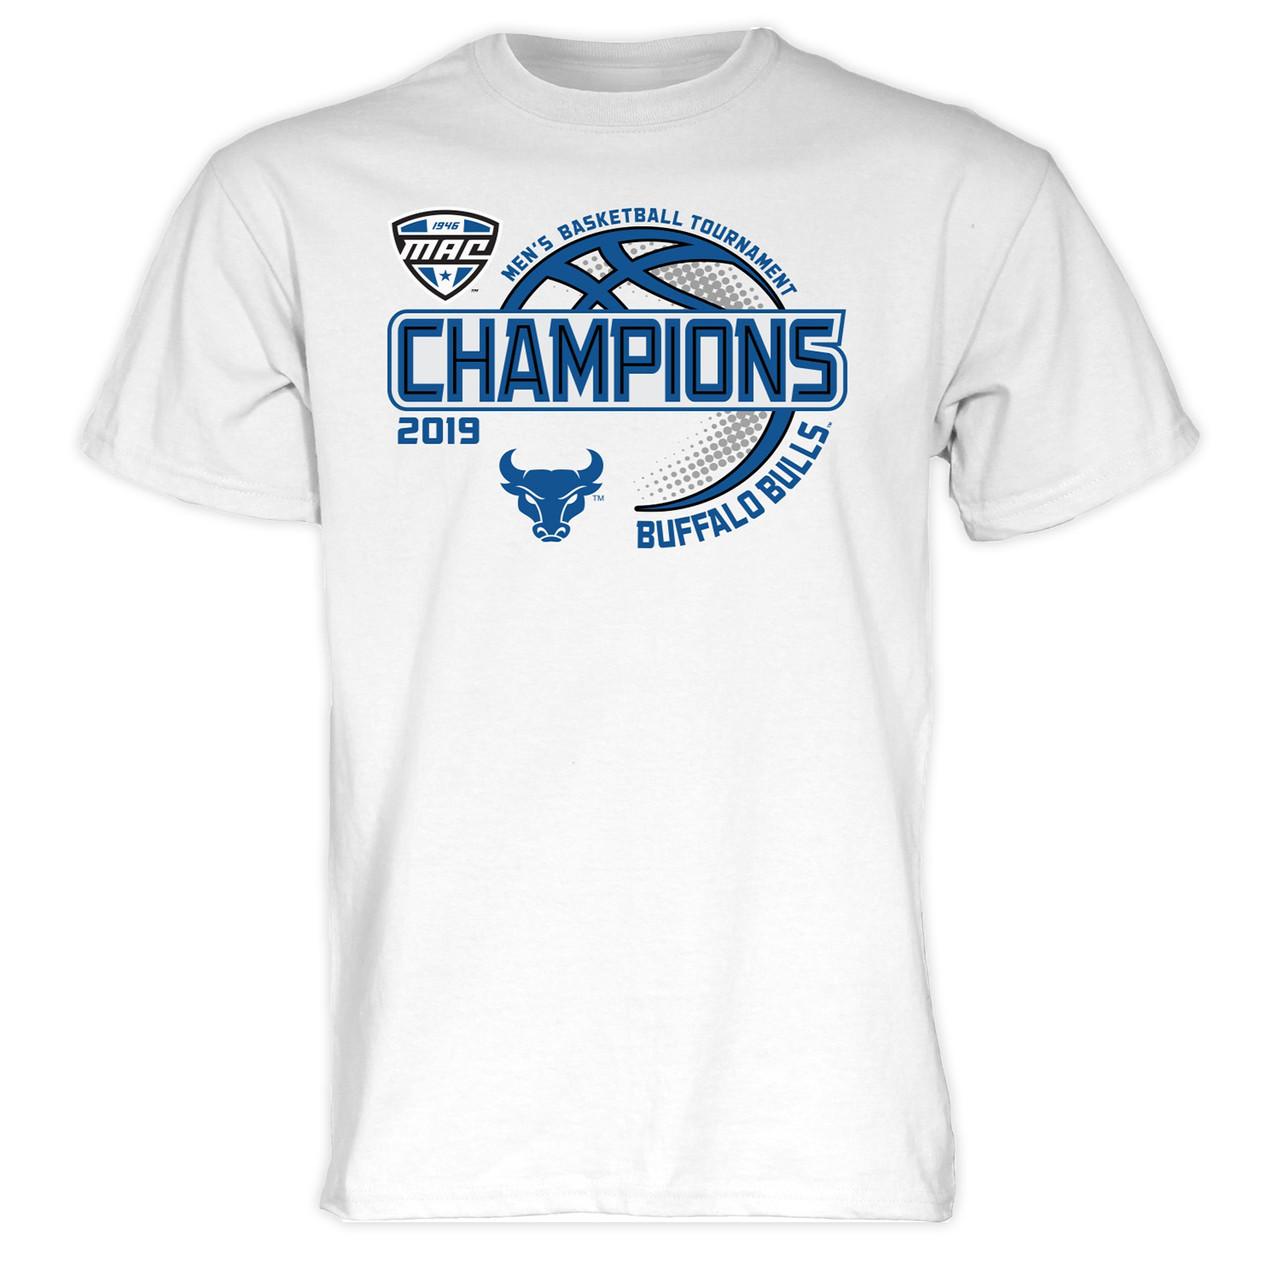 4925e09c4fbb Mac Champion 2019 cotton t-shirt - Campus Tees